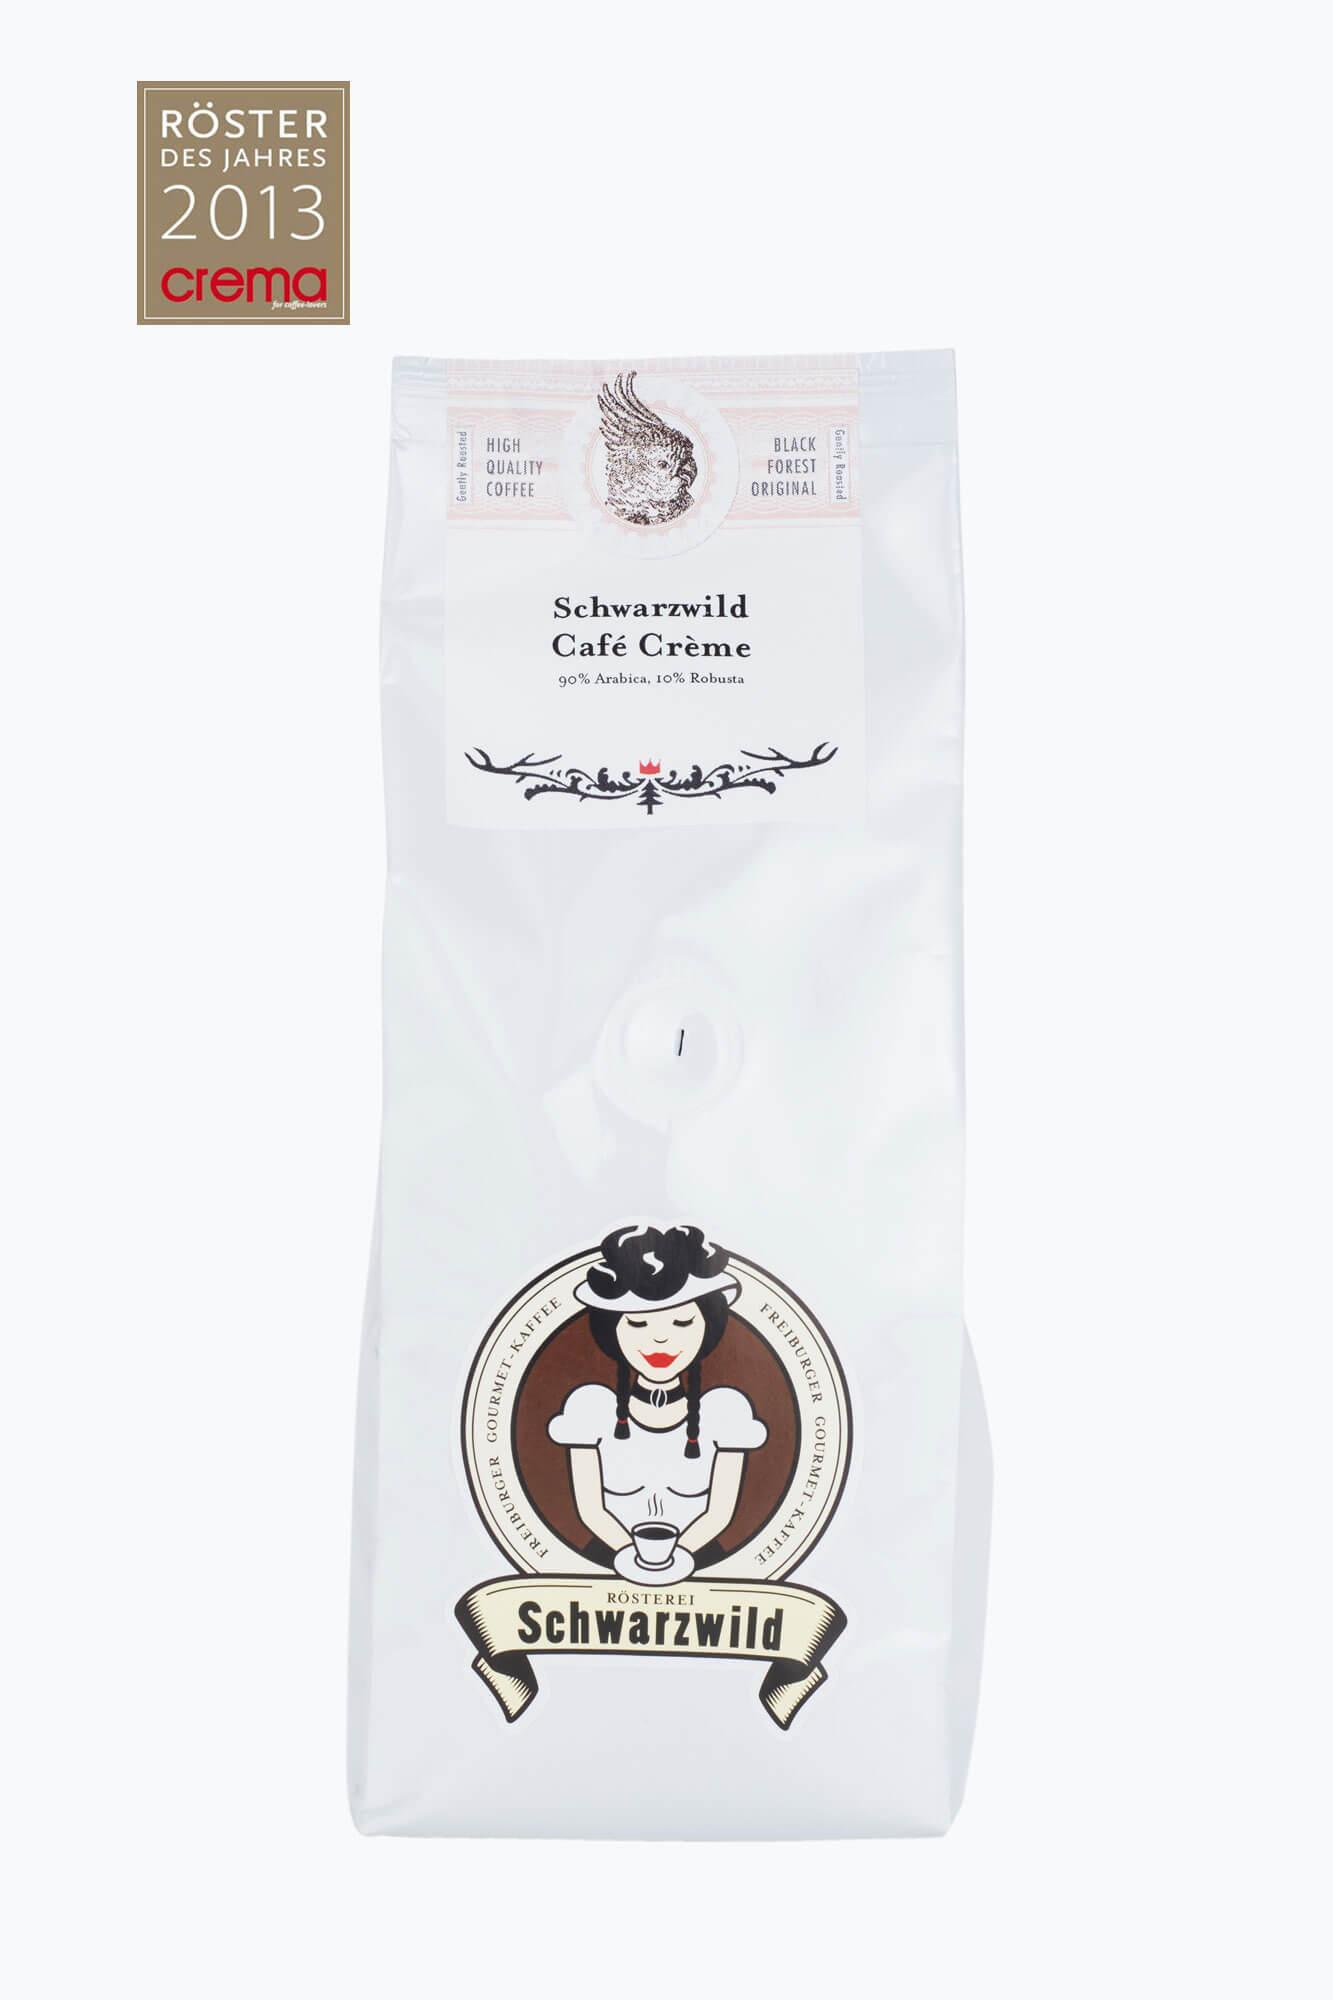 schwarzwild caf creme bohnen online kaufen roastmarket. Black Bedroom Furniture Sets. Home Design Ideas